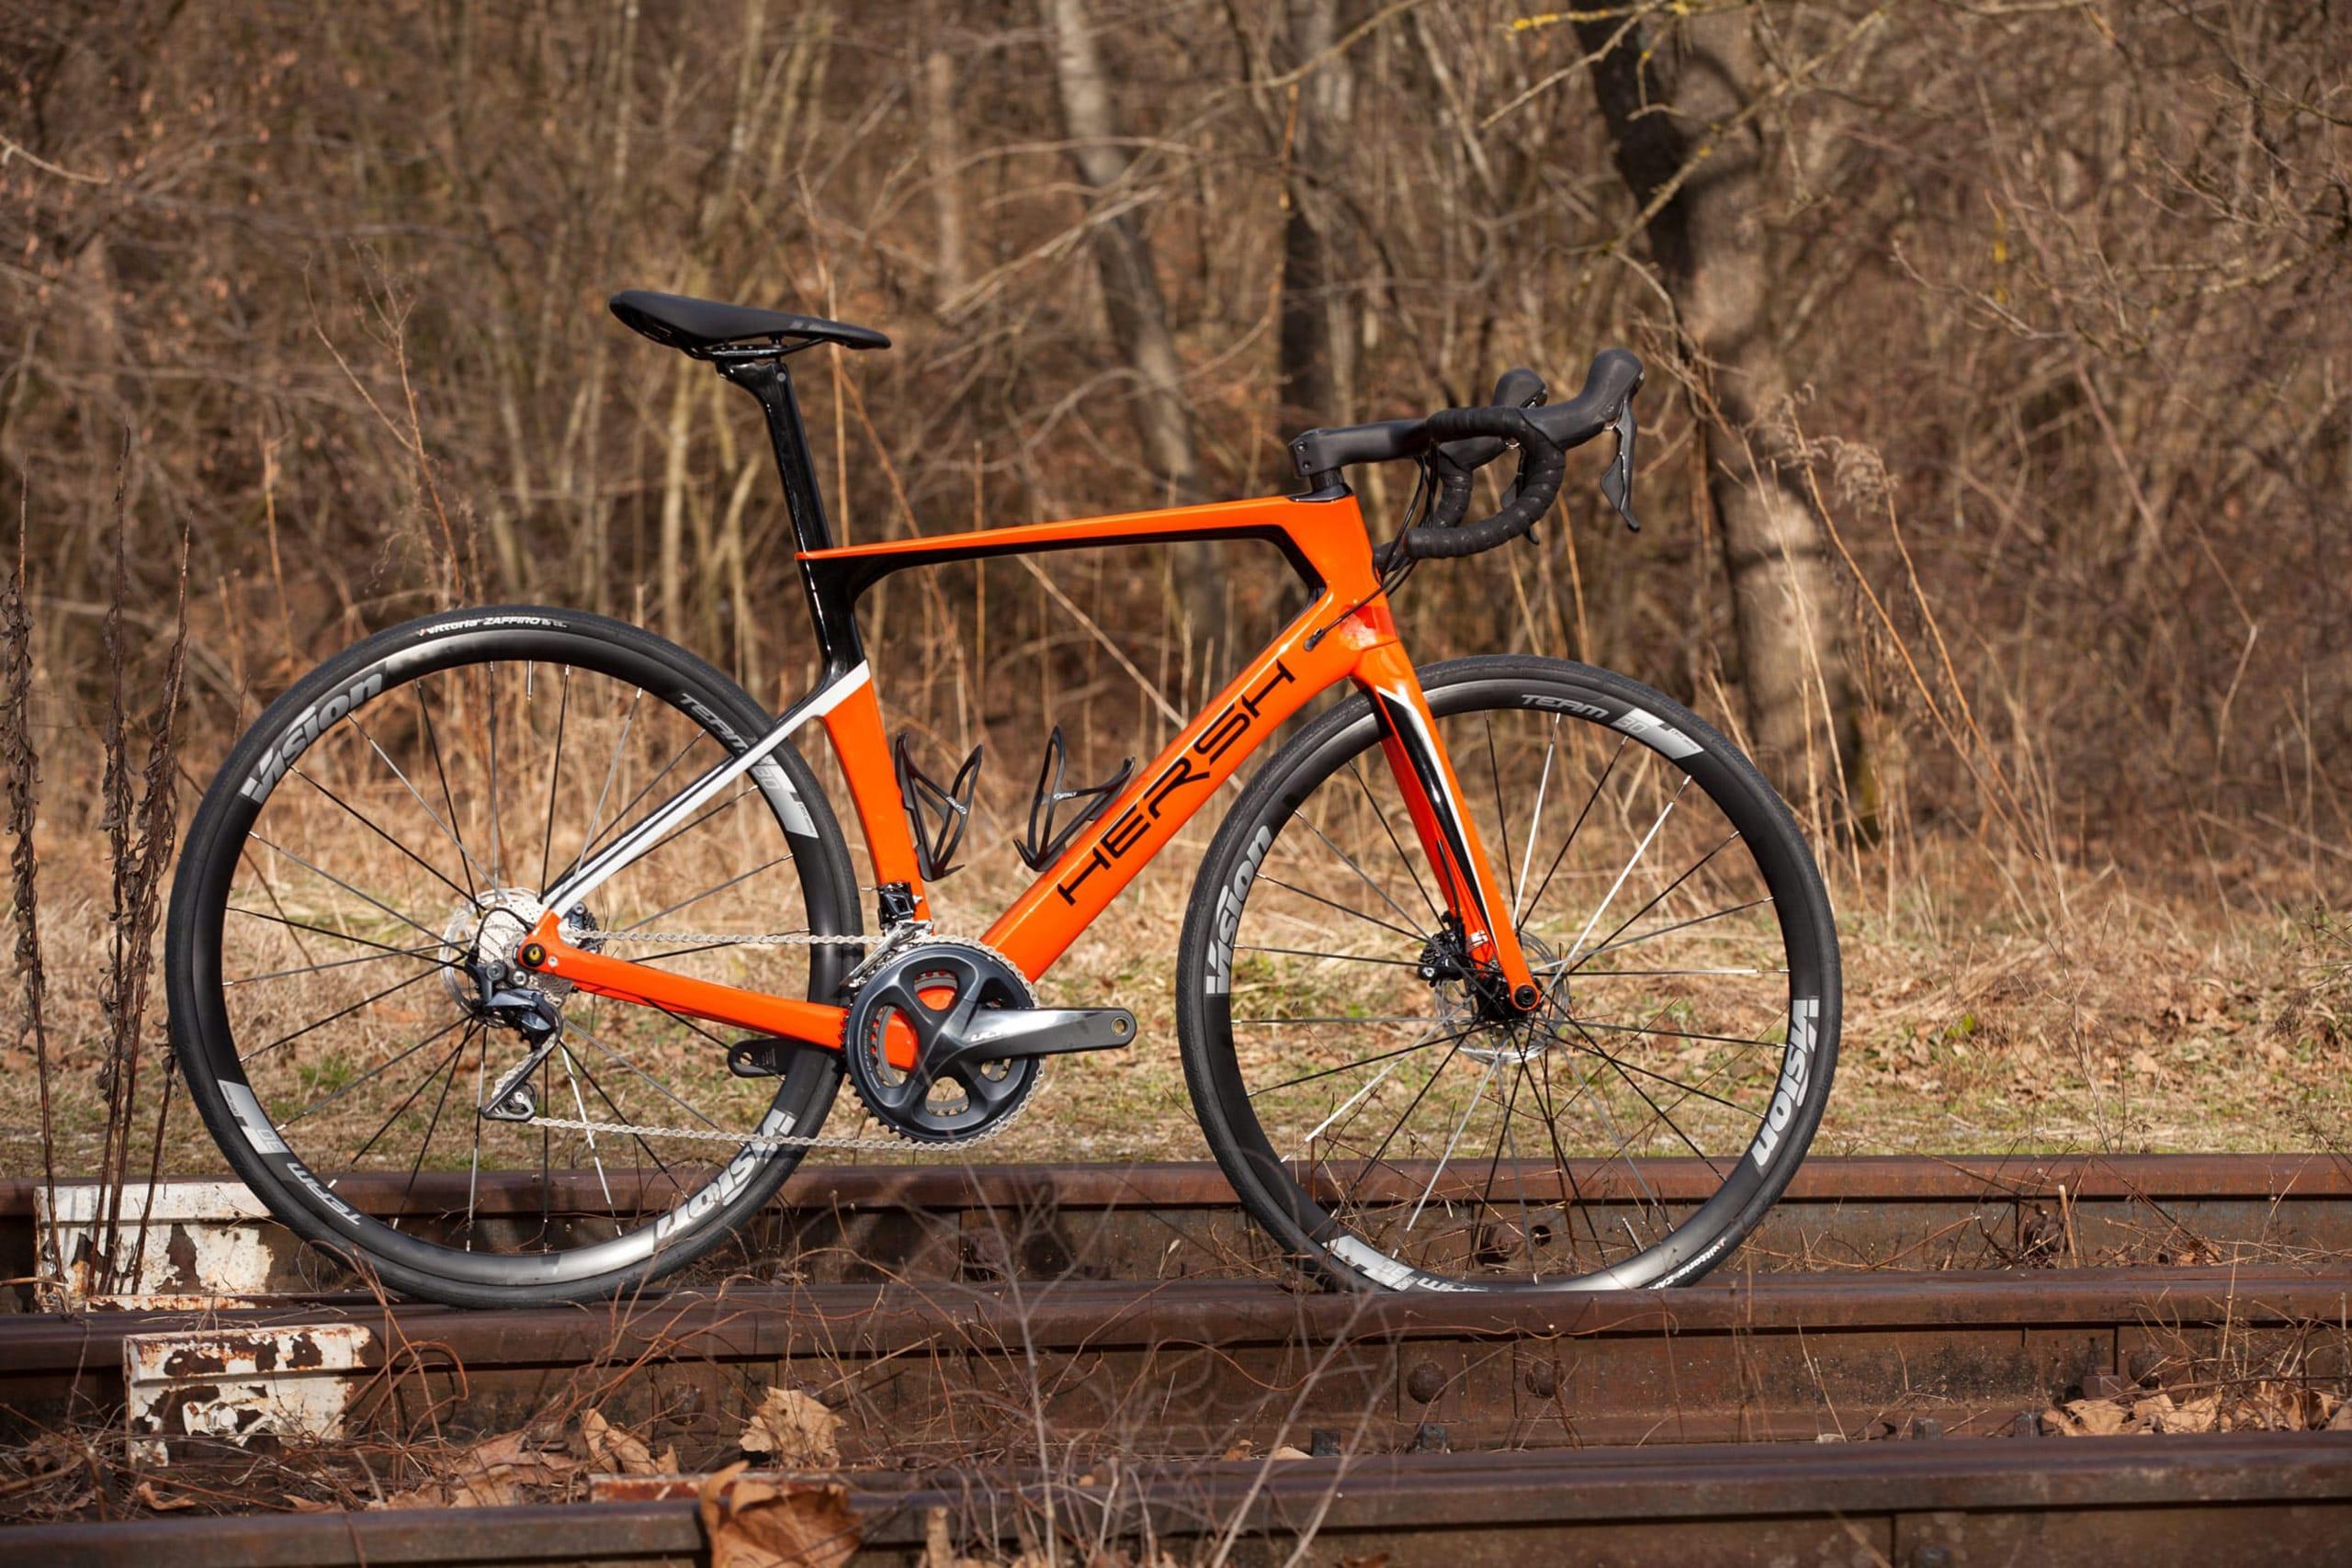 bici da corsa telaio in carbonio